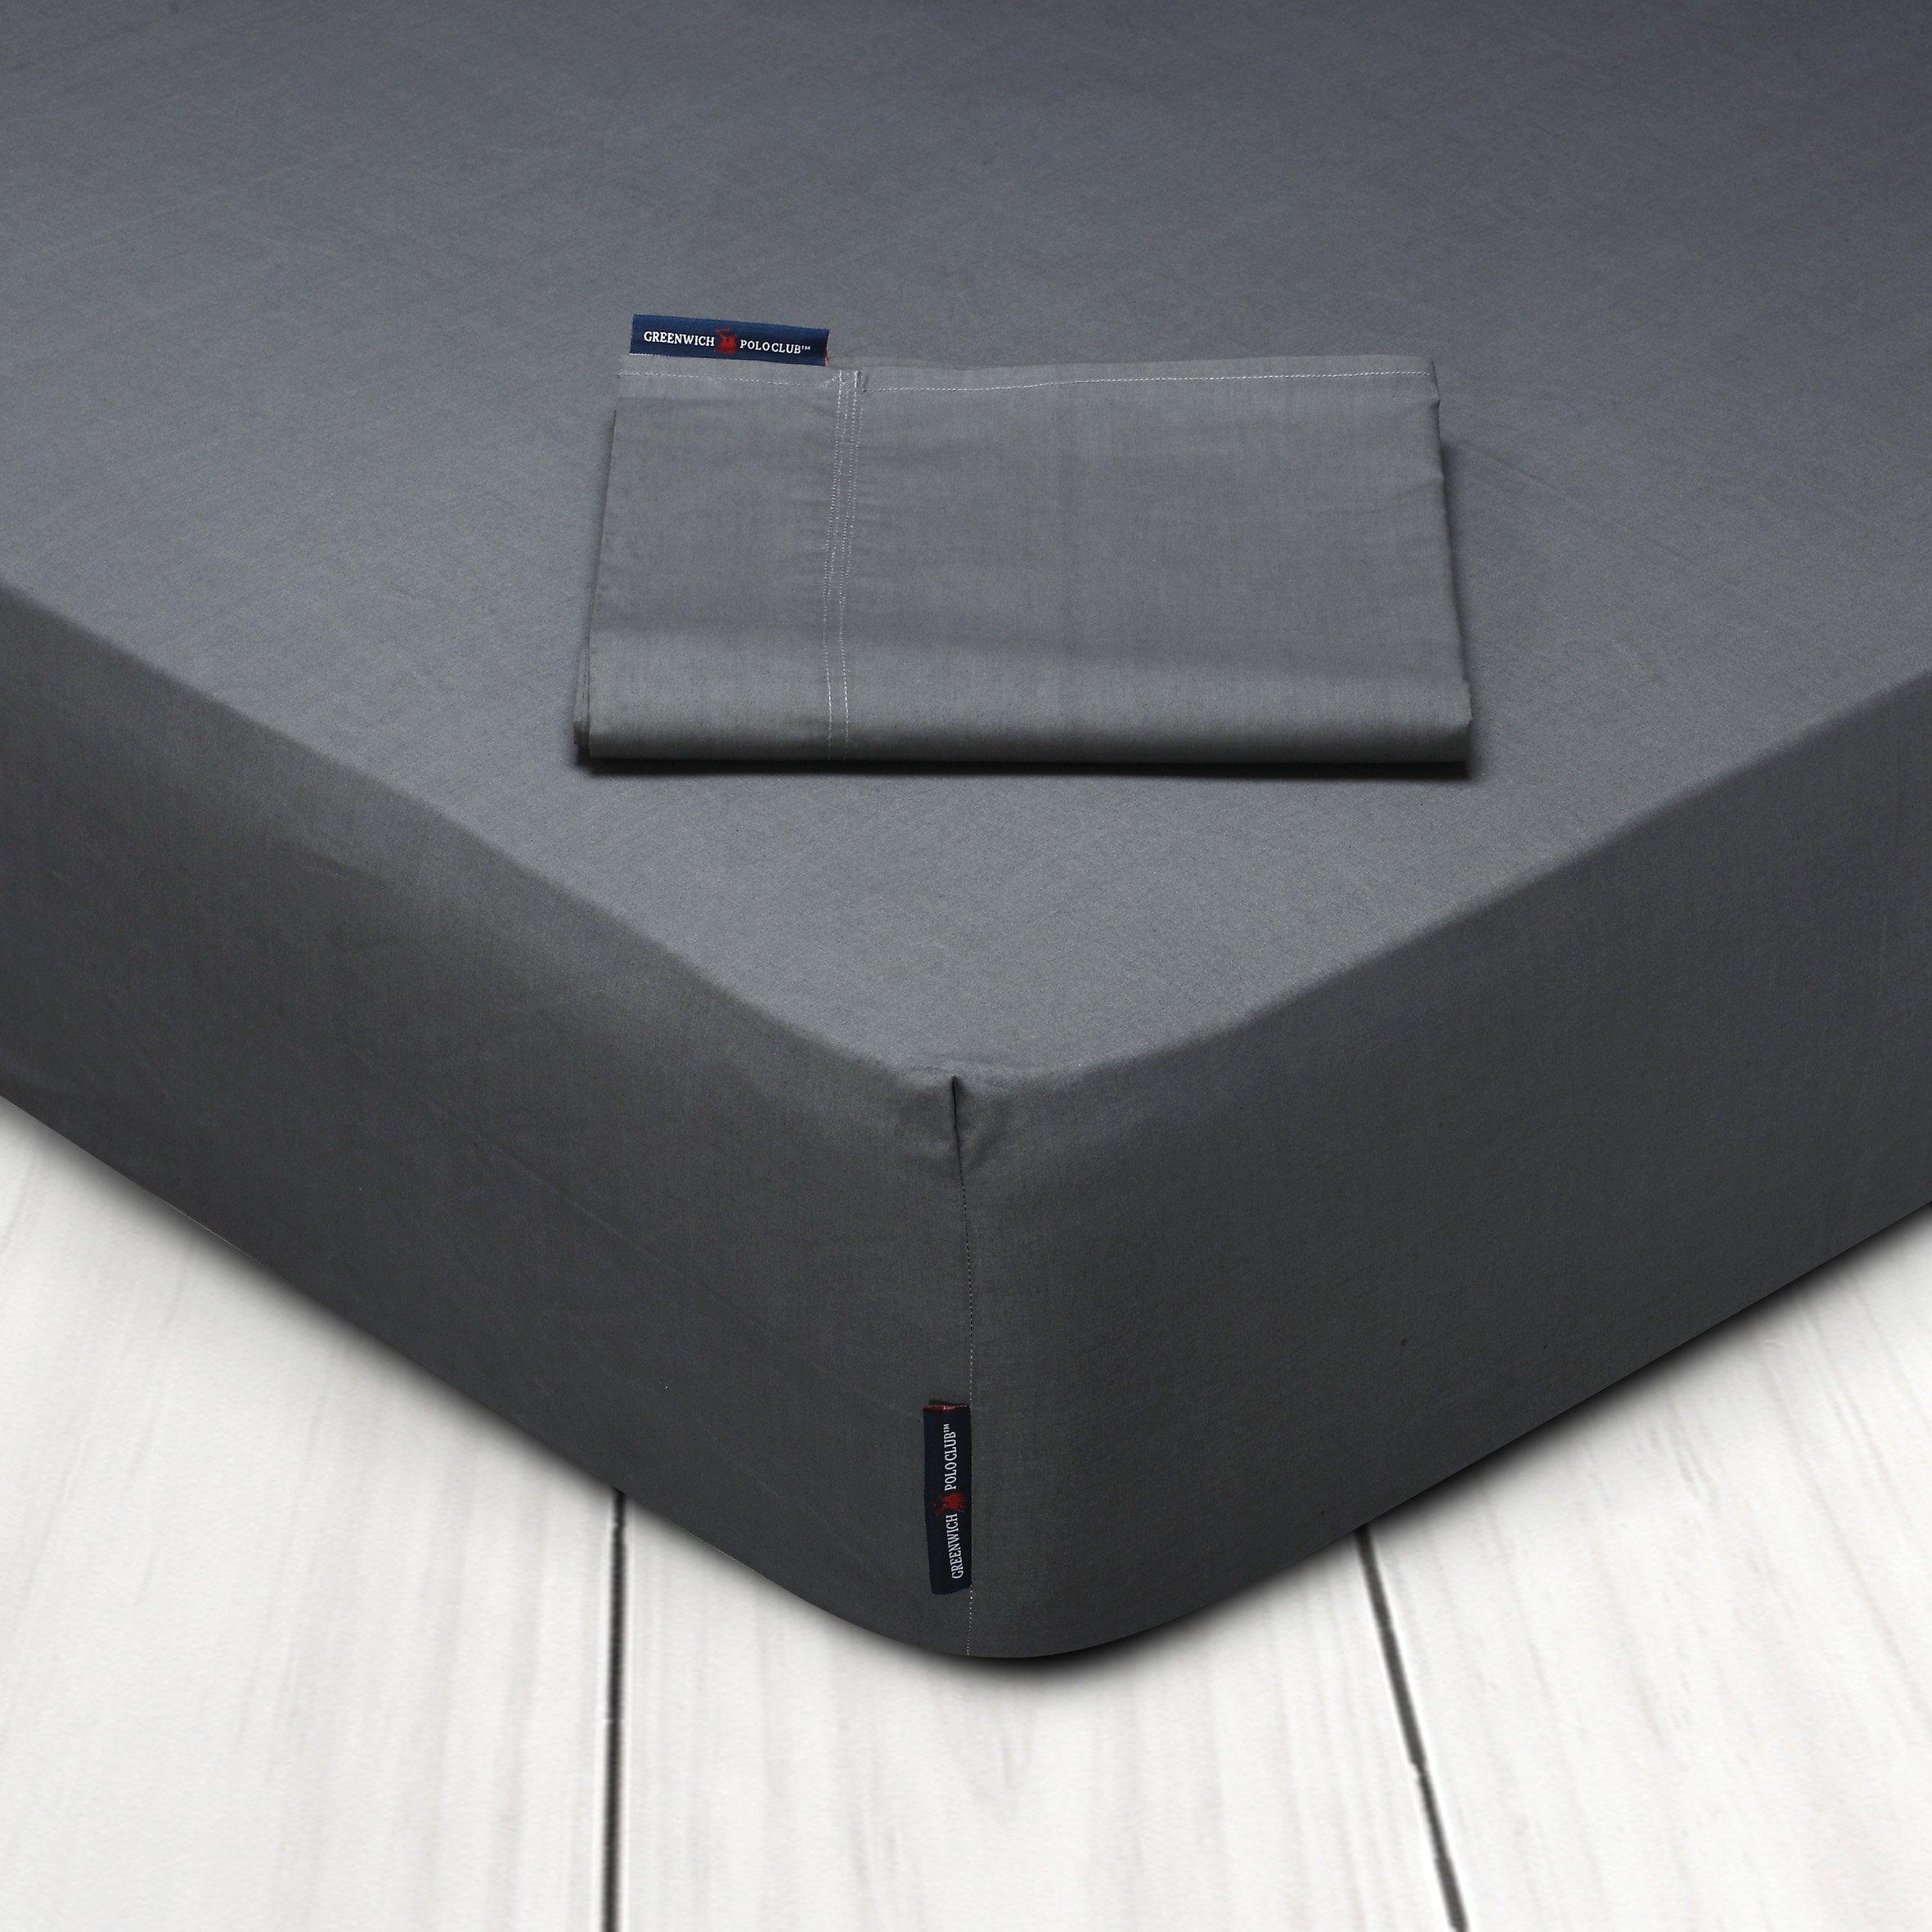 Σεντόνι Μεμονωμένο King Size 180×200+35 Greenwich Polo Club Premium 2203 Γκρι Με Λάστιχο